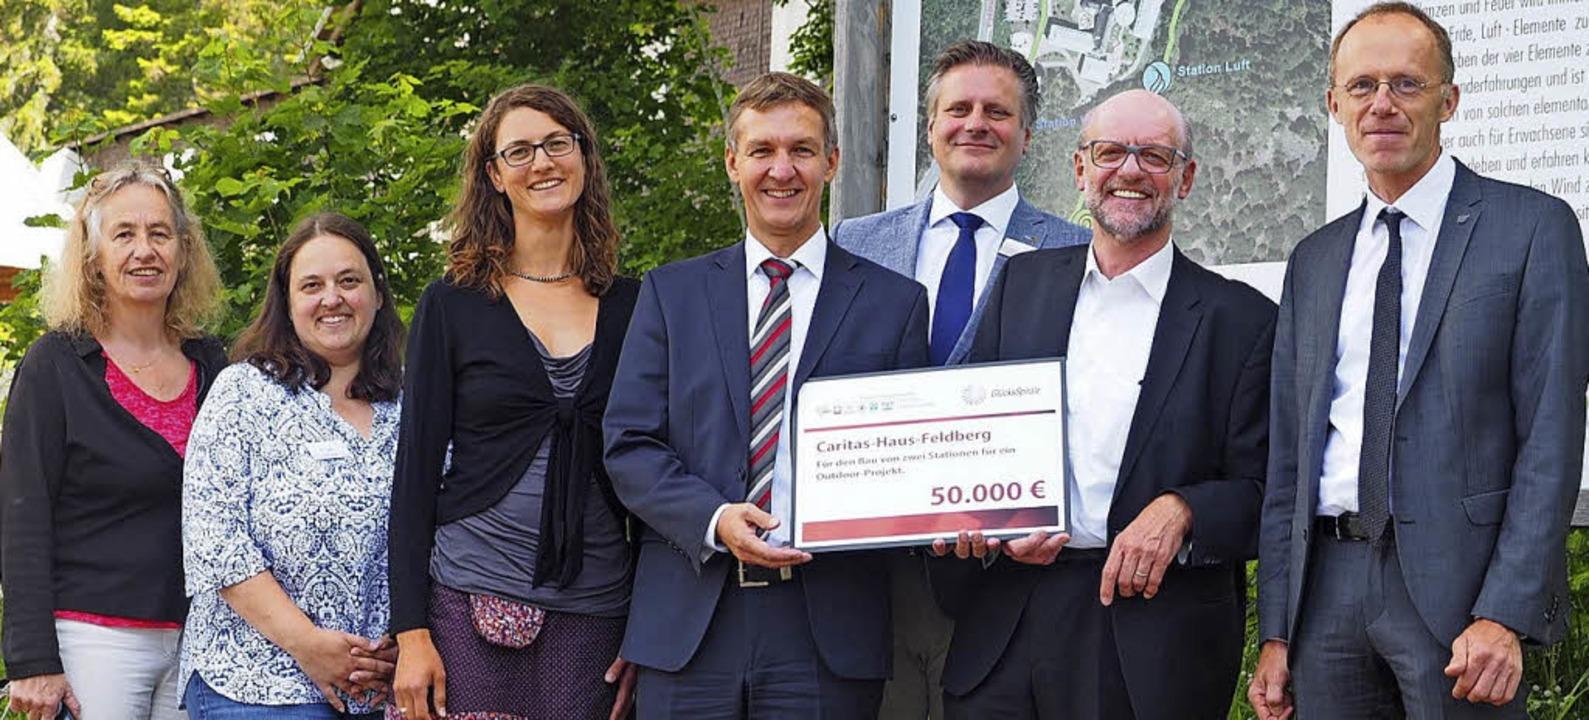 Freuen sich über die Finanzspritze (vo...) und Chefarzt Dr. Hansjörg Schmelzle.  | Foto: Susanne Gilg